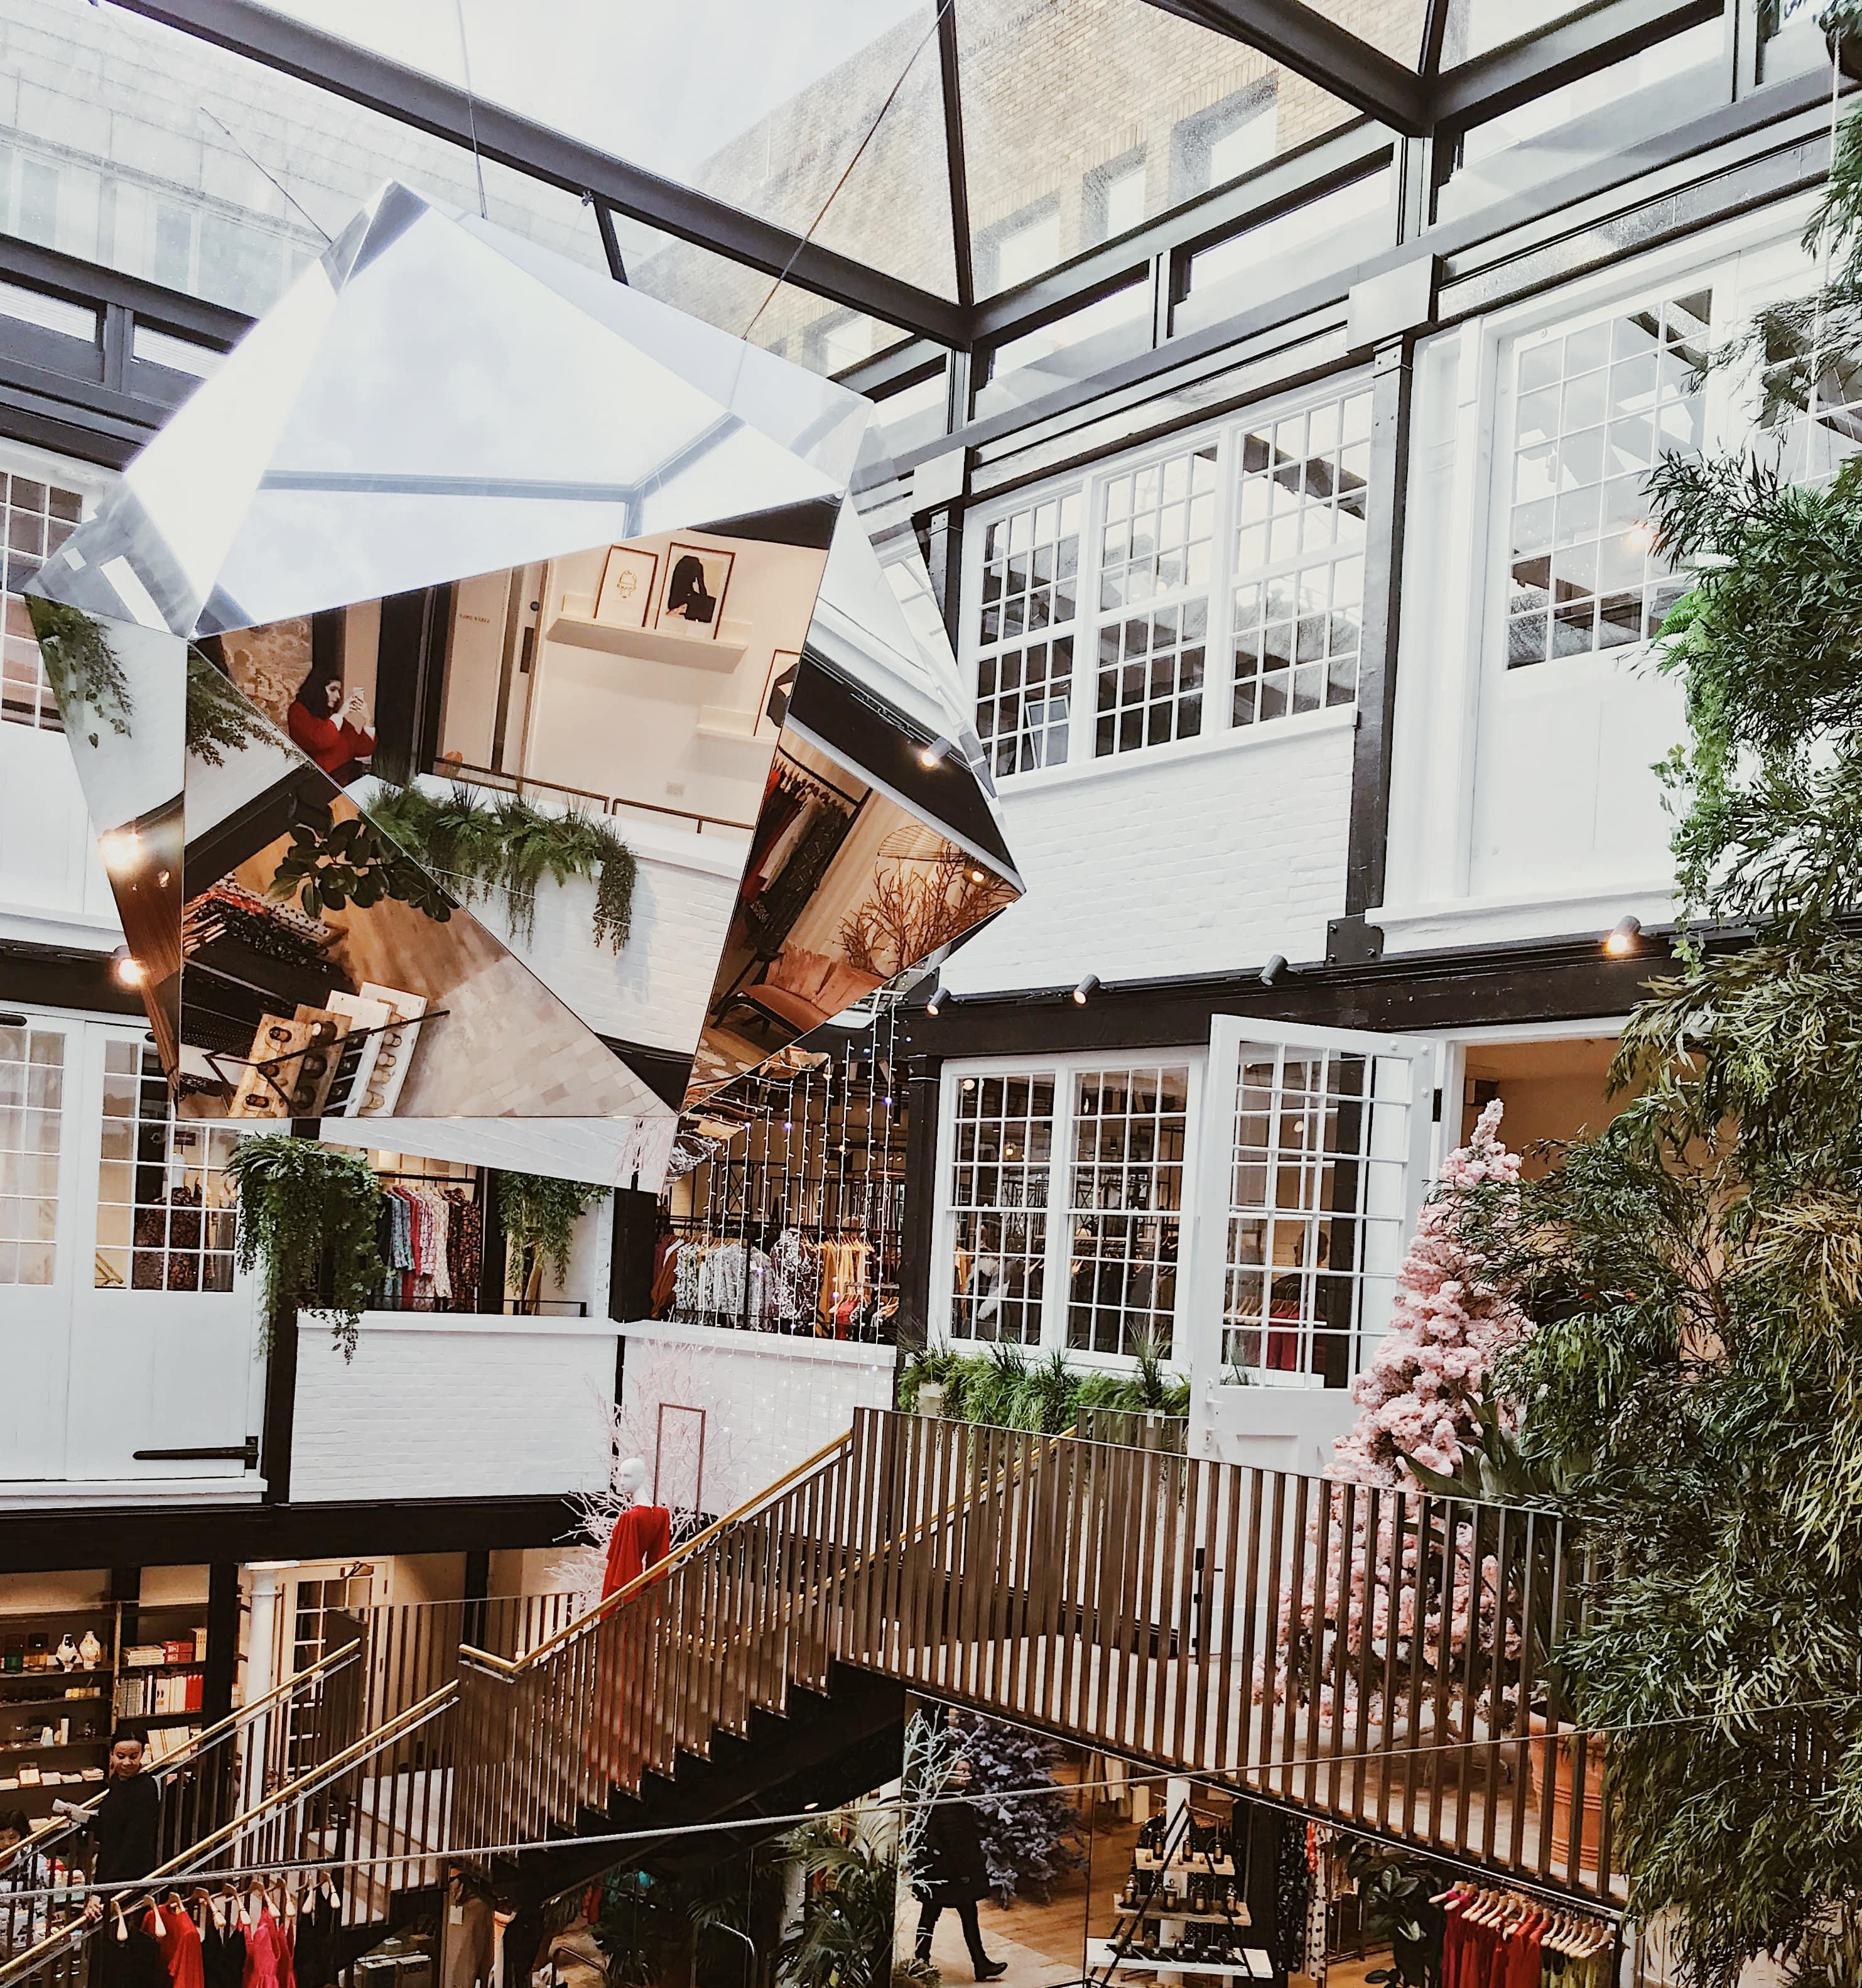 Shop at Bluebird-Christmas Season at Covent Garden